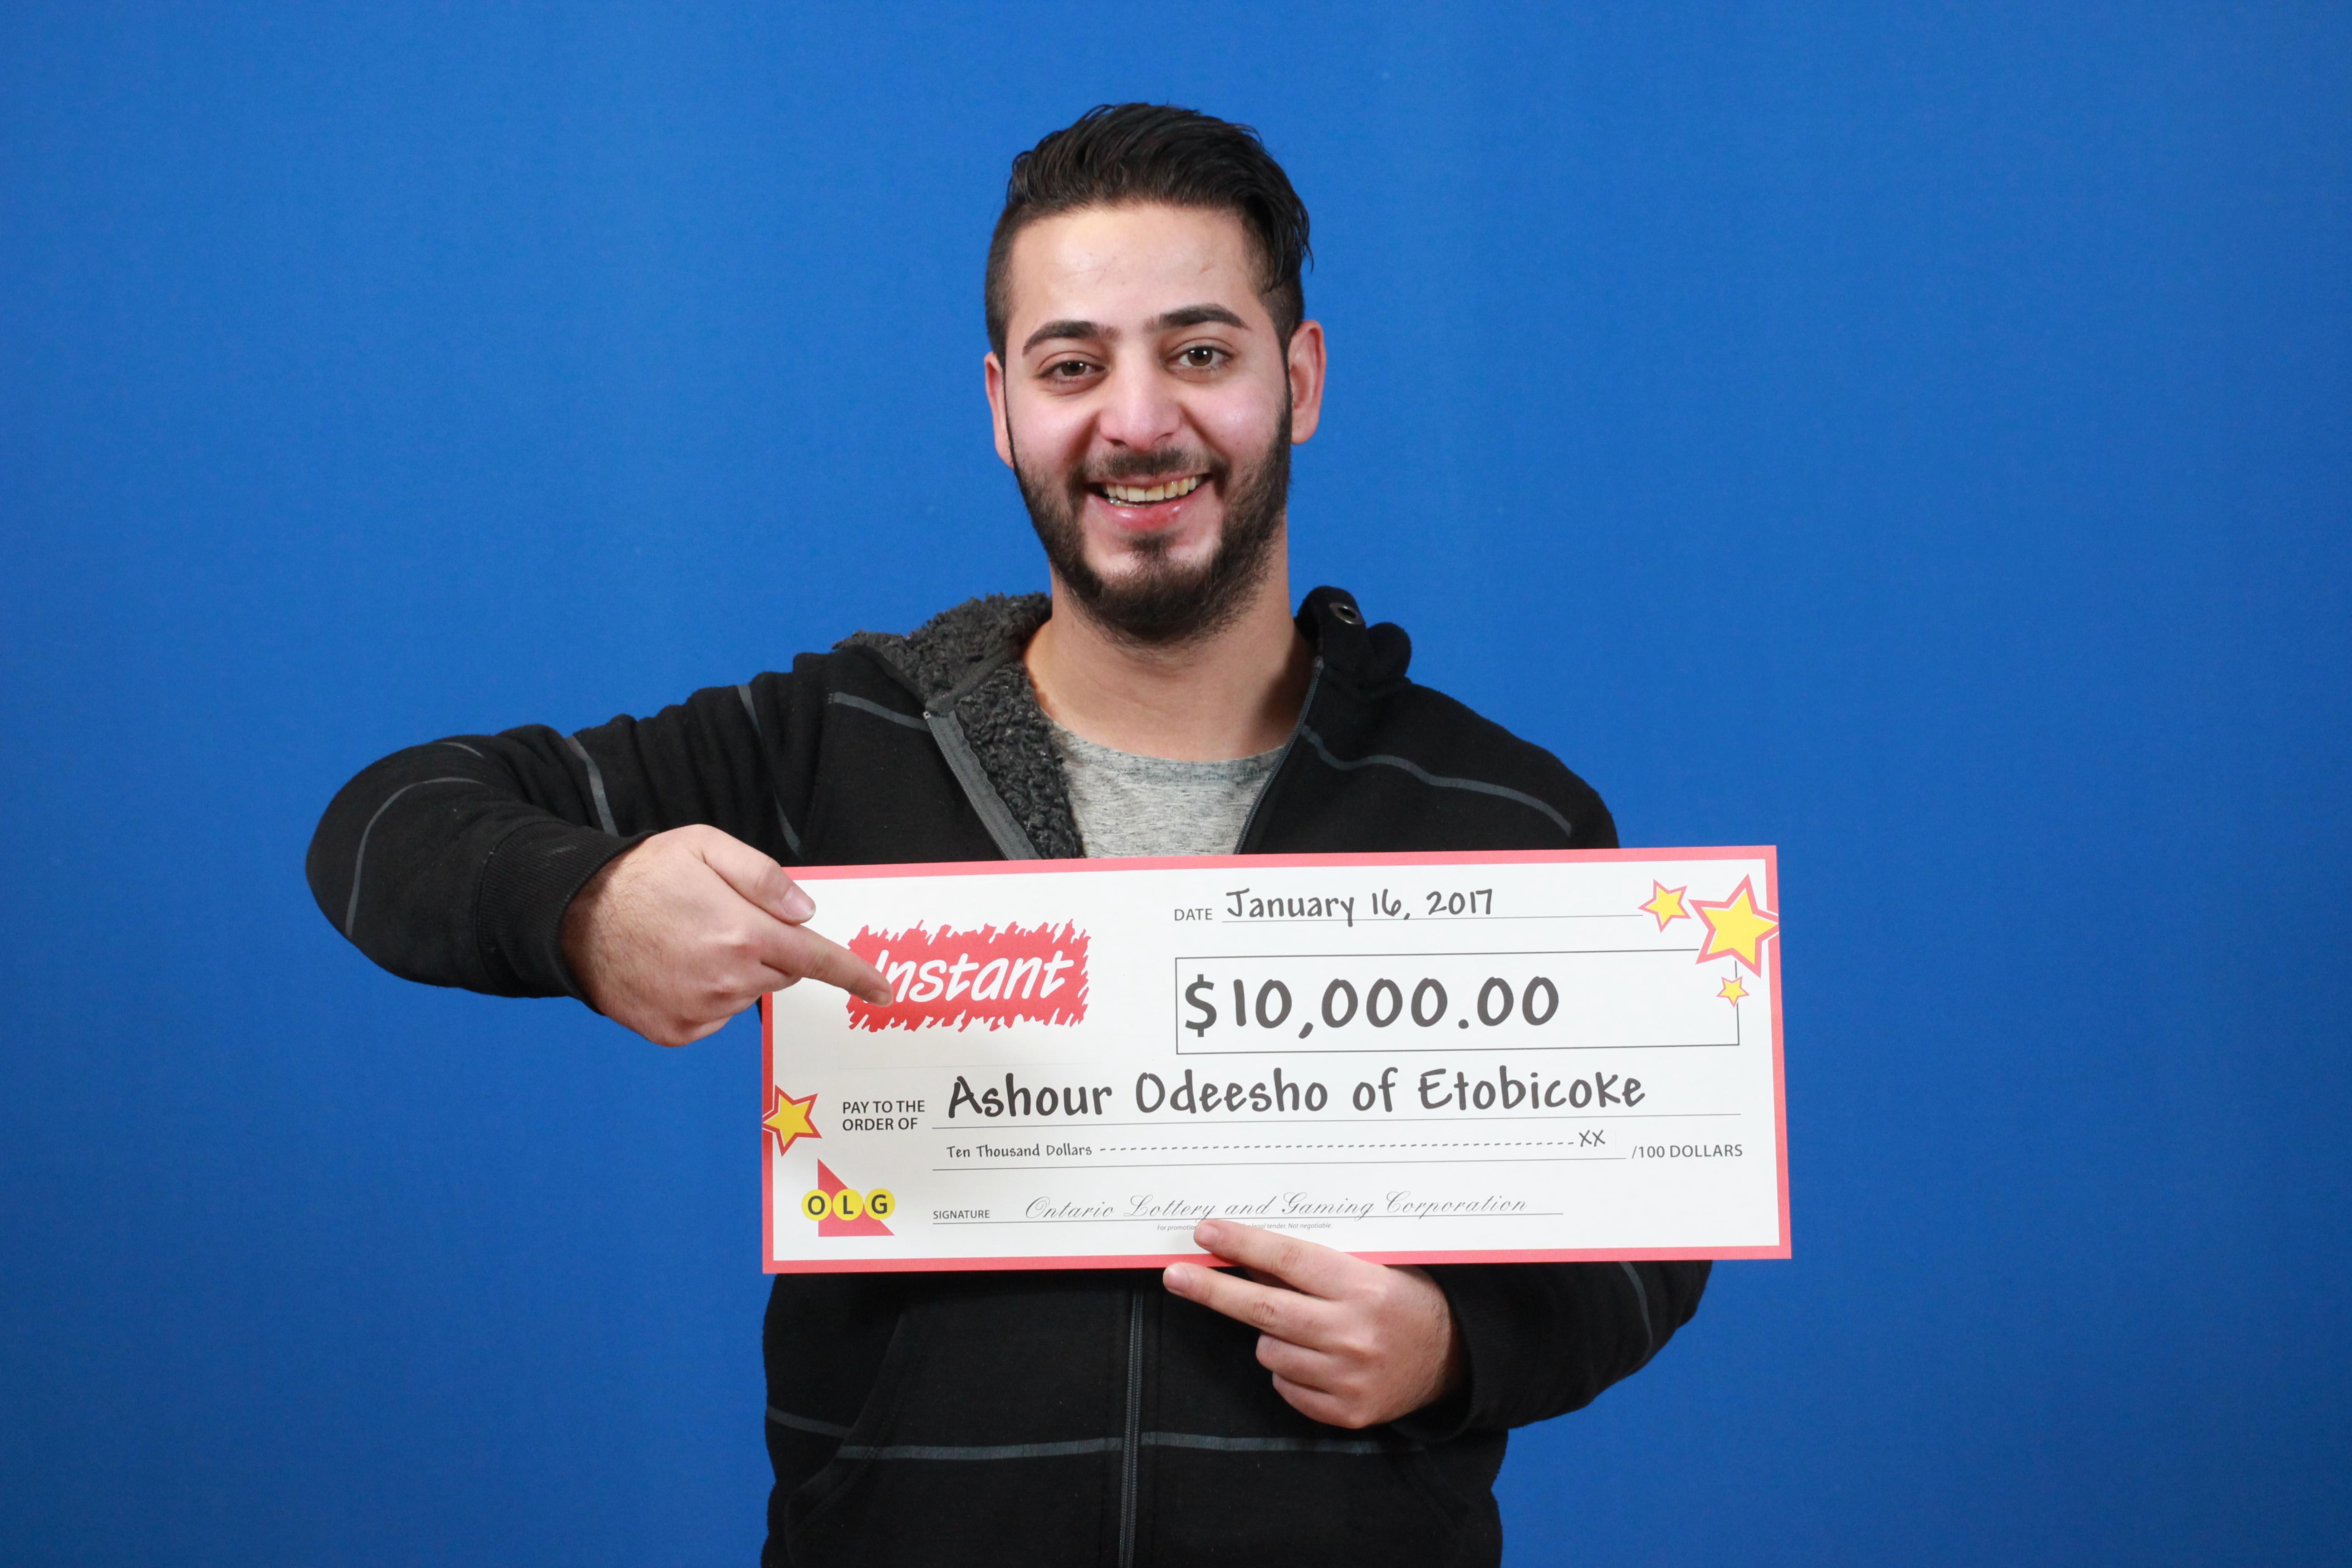 RECENT Instant WINNER - Ashour Odeesho